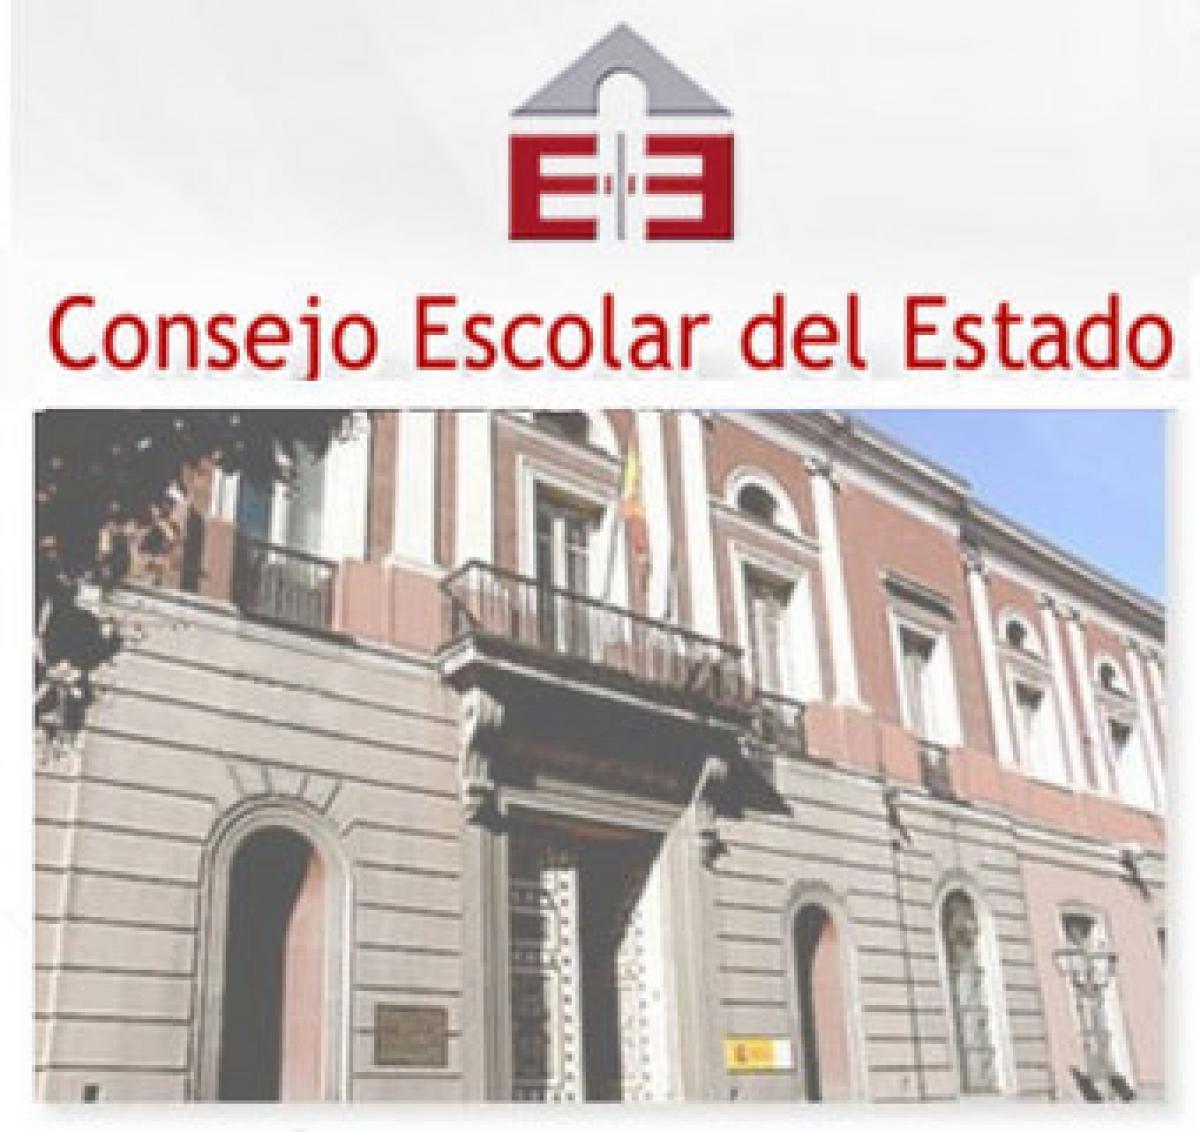 Consejo Escolar del Estado.